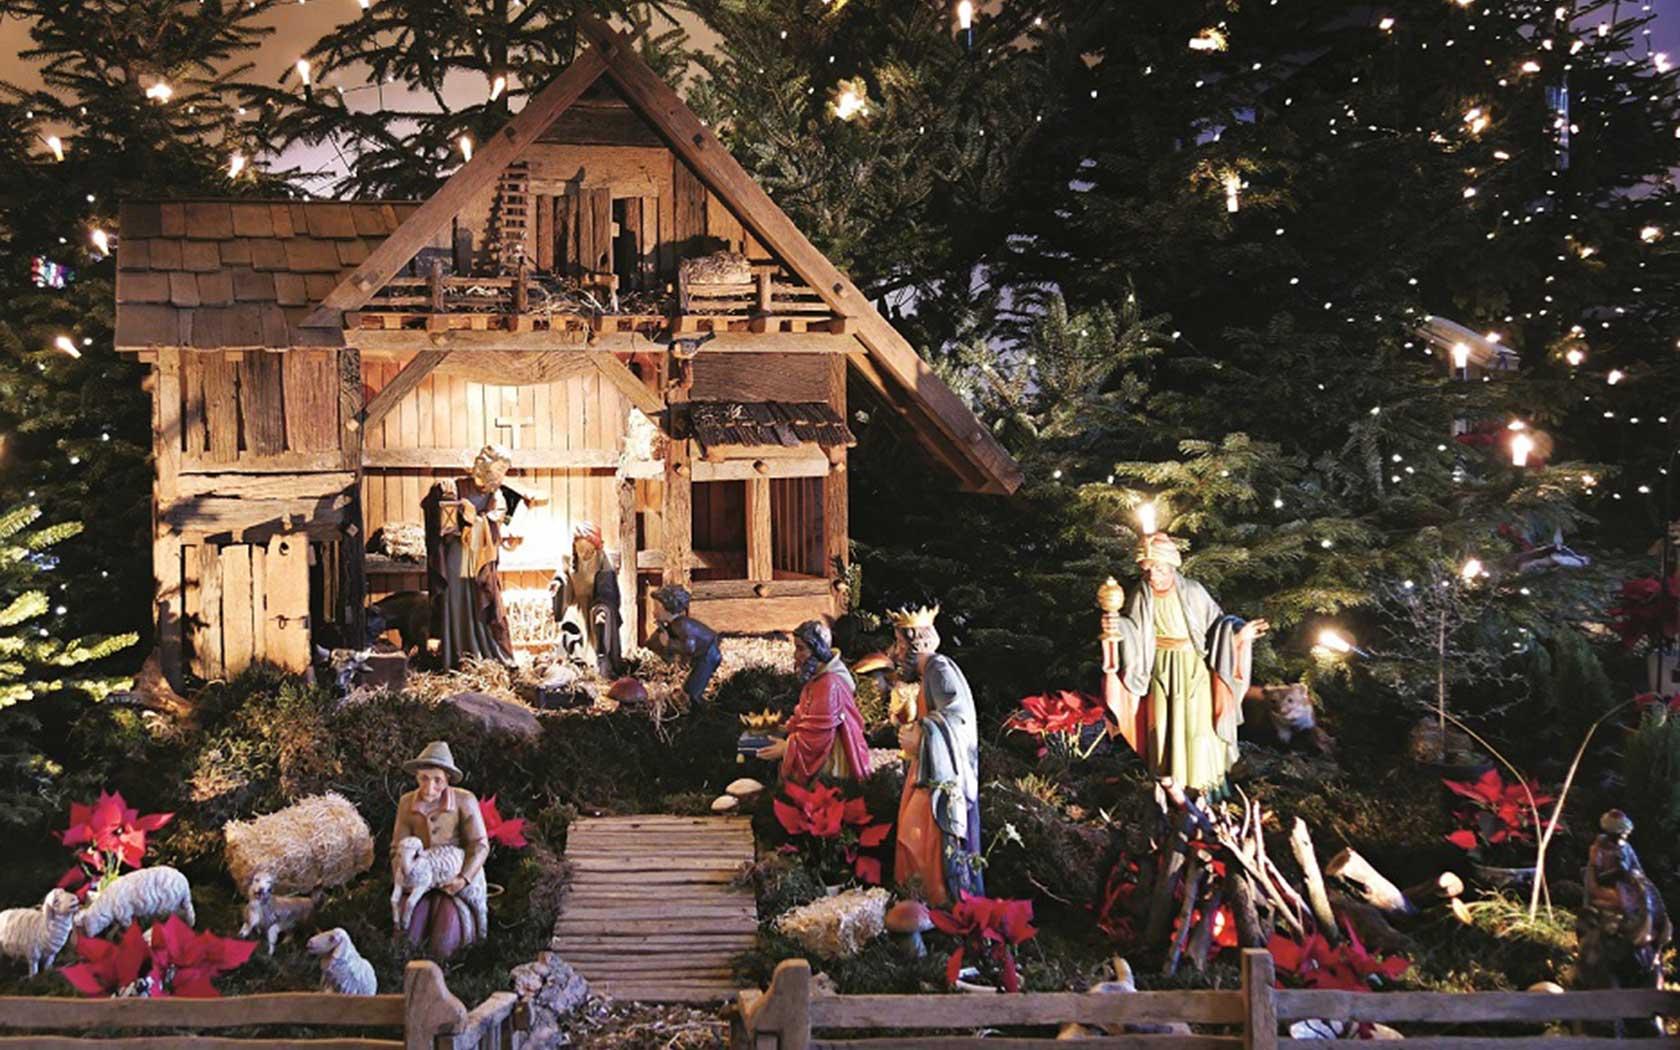 Frohe Und Gesegnete Weihnachten.Frohe Gesegnete Weihnachten Rainer Deppe Mdl